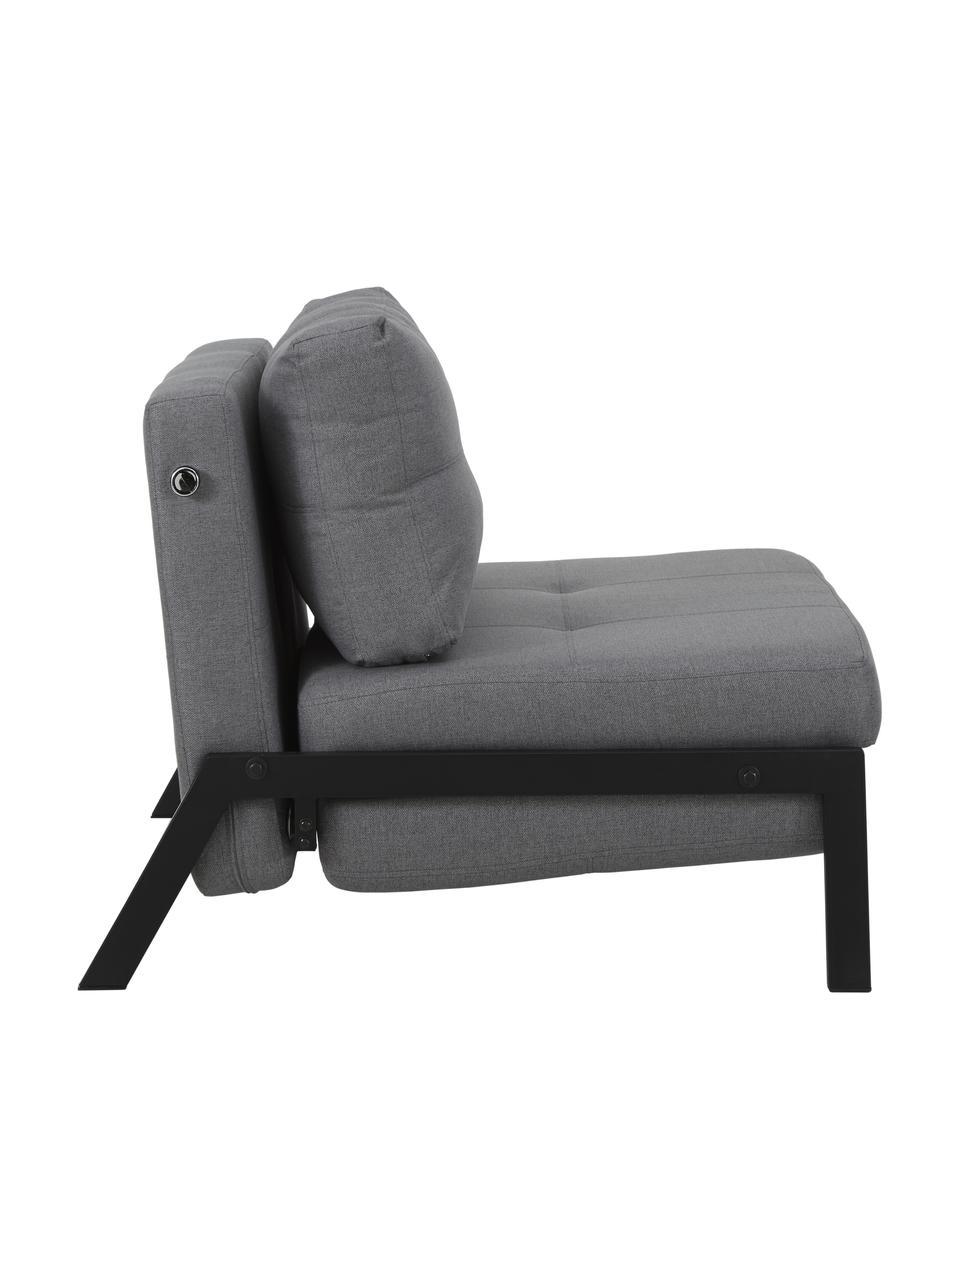 Schlafsessel Edward in Dunkelgrau mit Metall-Füßen, ausklappbar, Bezug: 100% Polyester 40.000 Sch, Webstoff Dunkelgrau, B 96 x T 98 cm